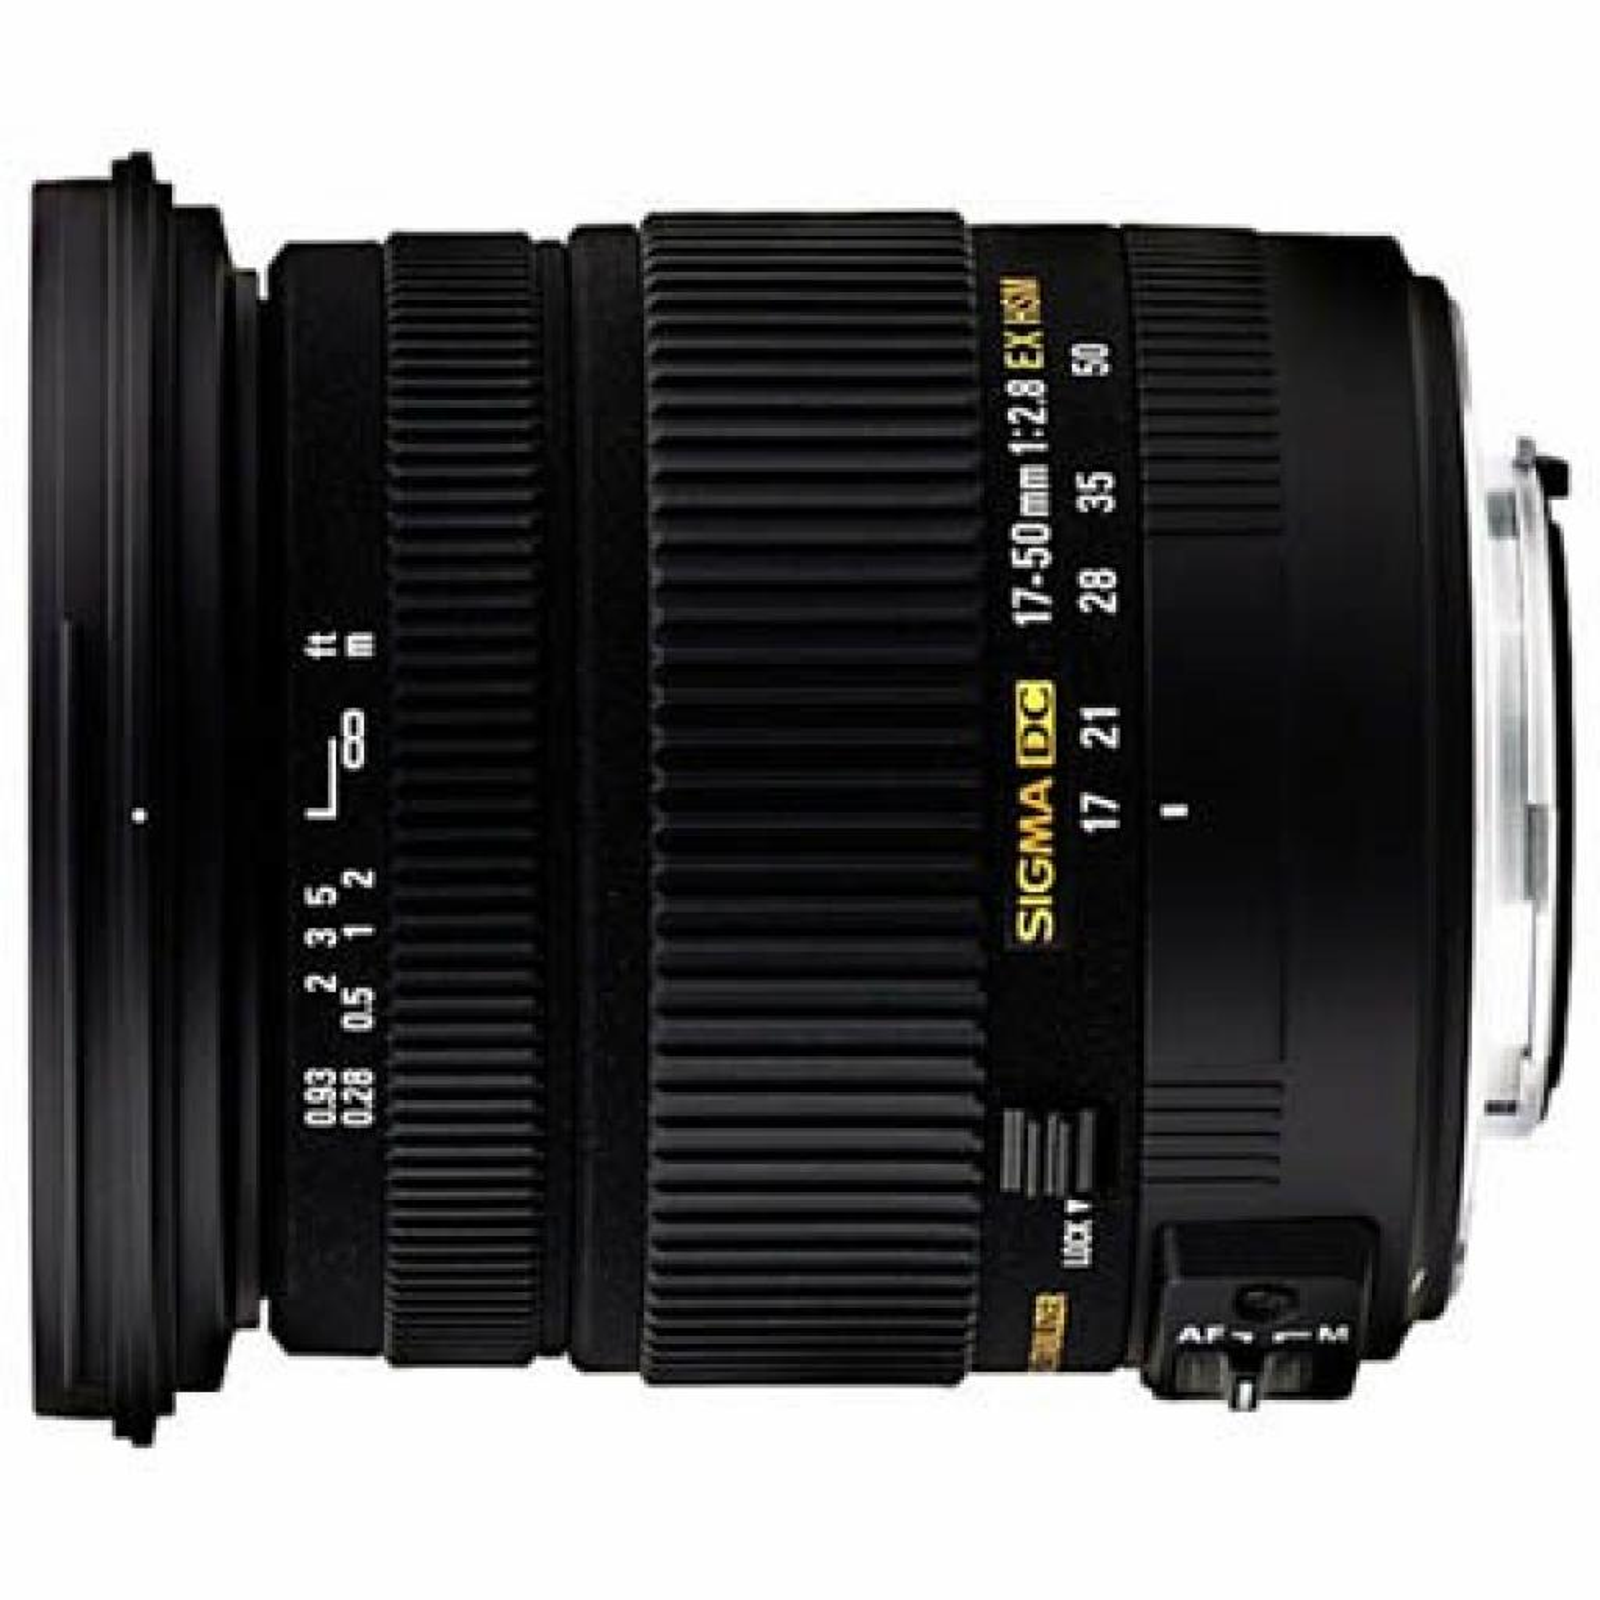 Объектив Sigma 17-50mm f/2.8 EX DC OS HSM for Nikon (583955)